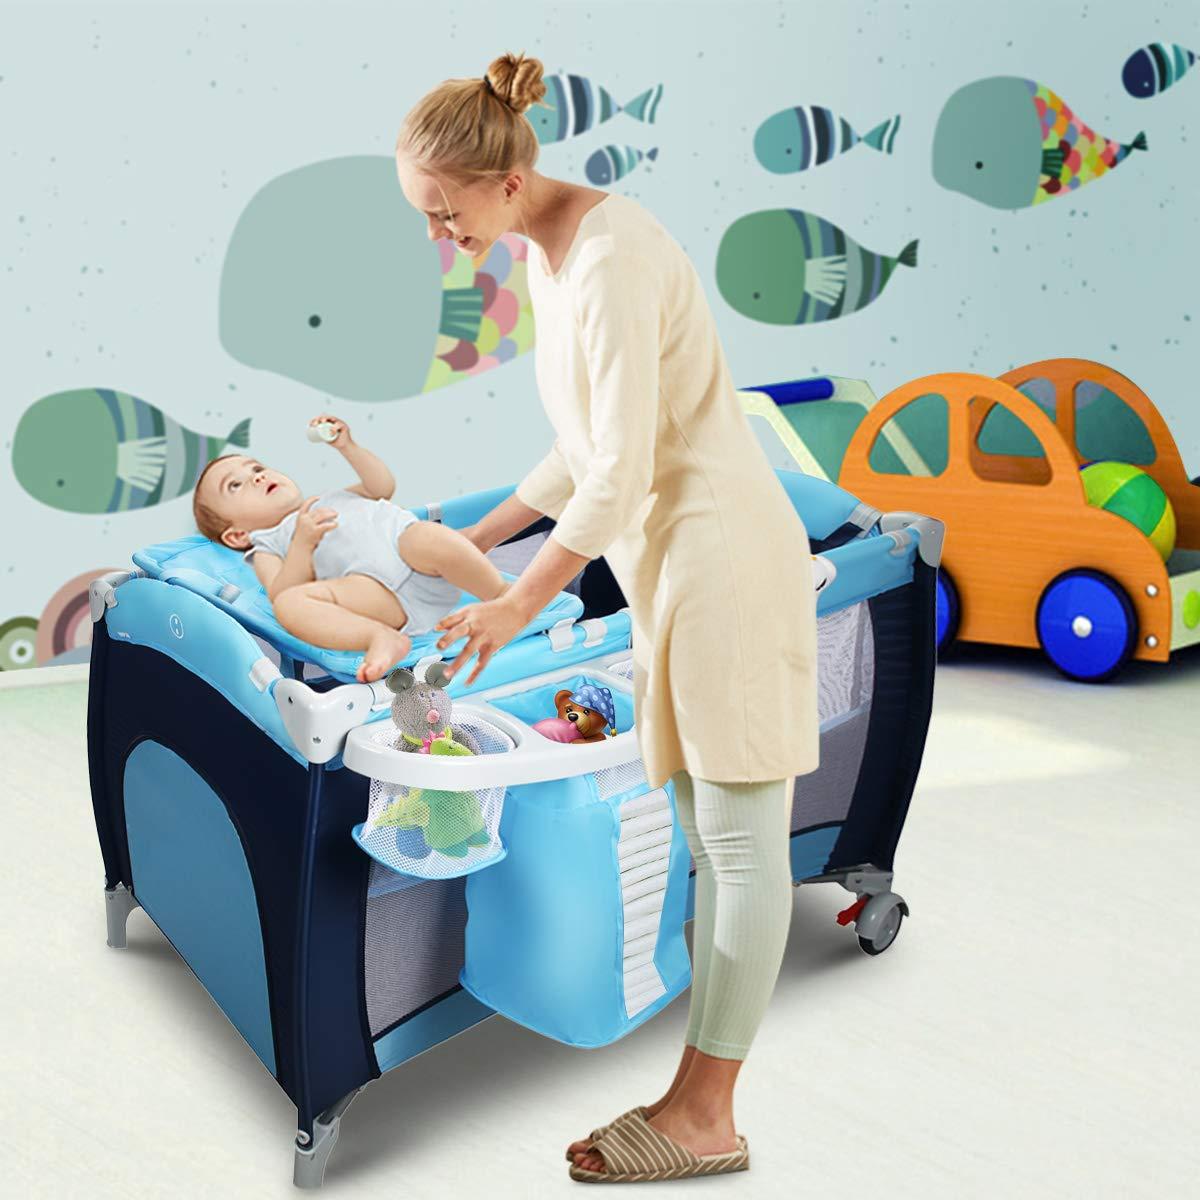 Blau GOPLUS Kinderreisebett Reisebett Klappbett baby Kinderbett Babybett Baby Klappbett faltbar farbwahl mit Tragetasche